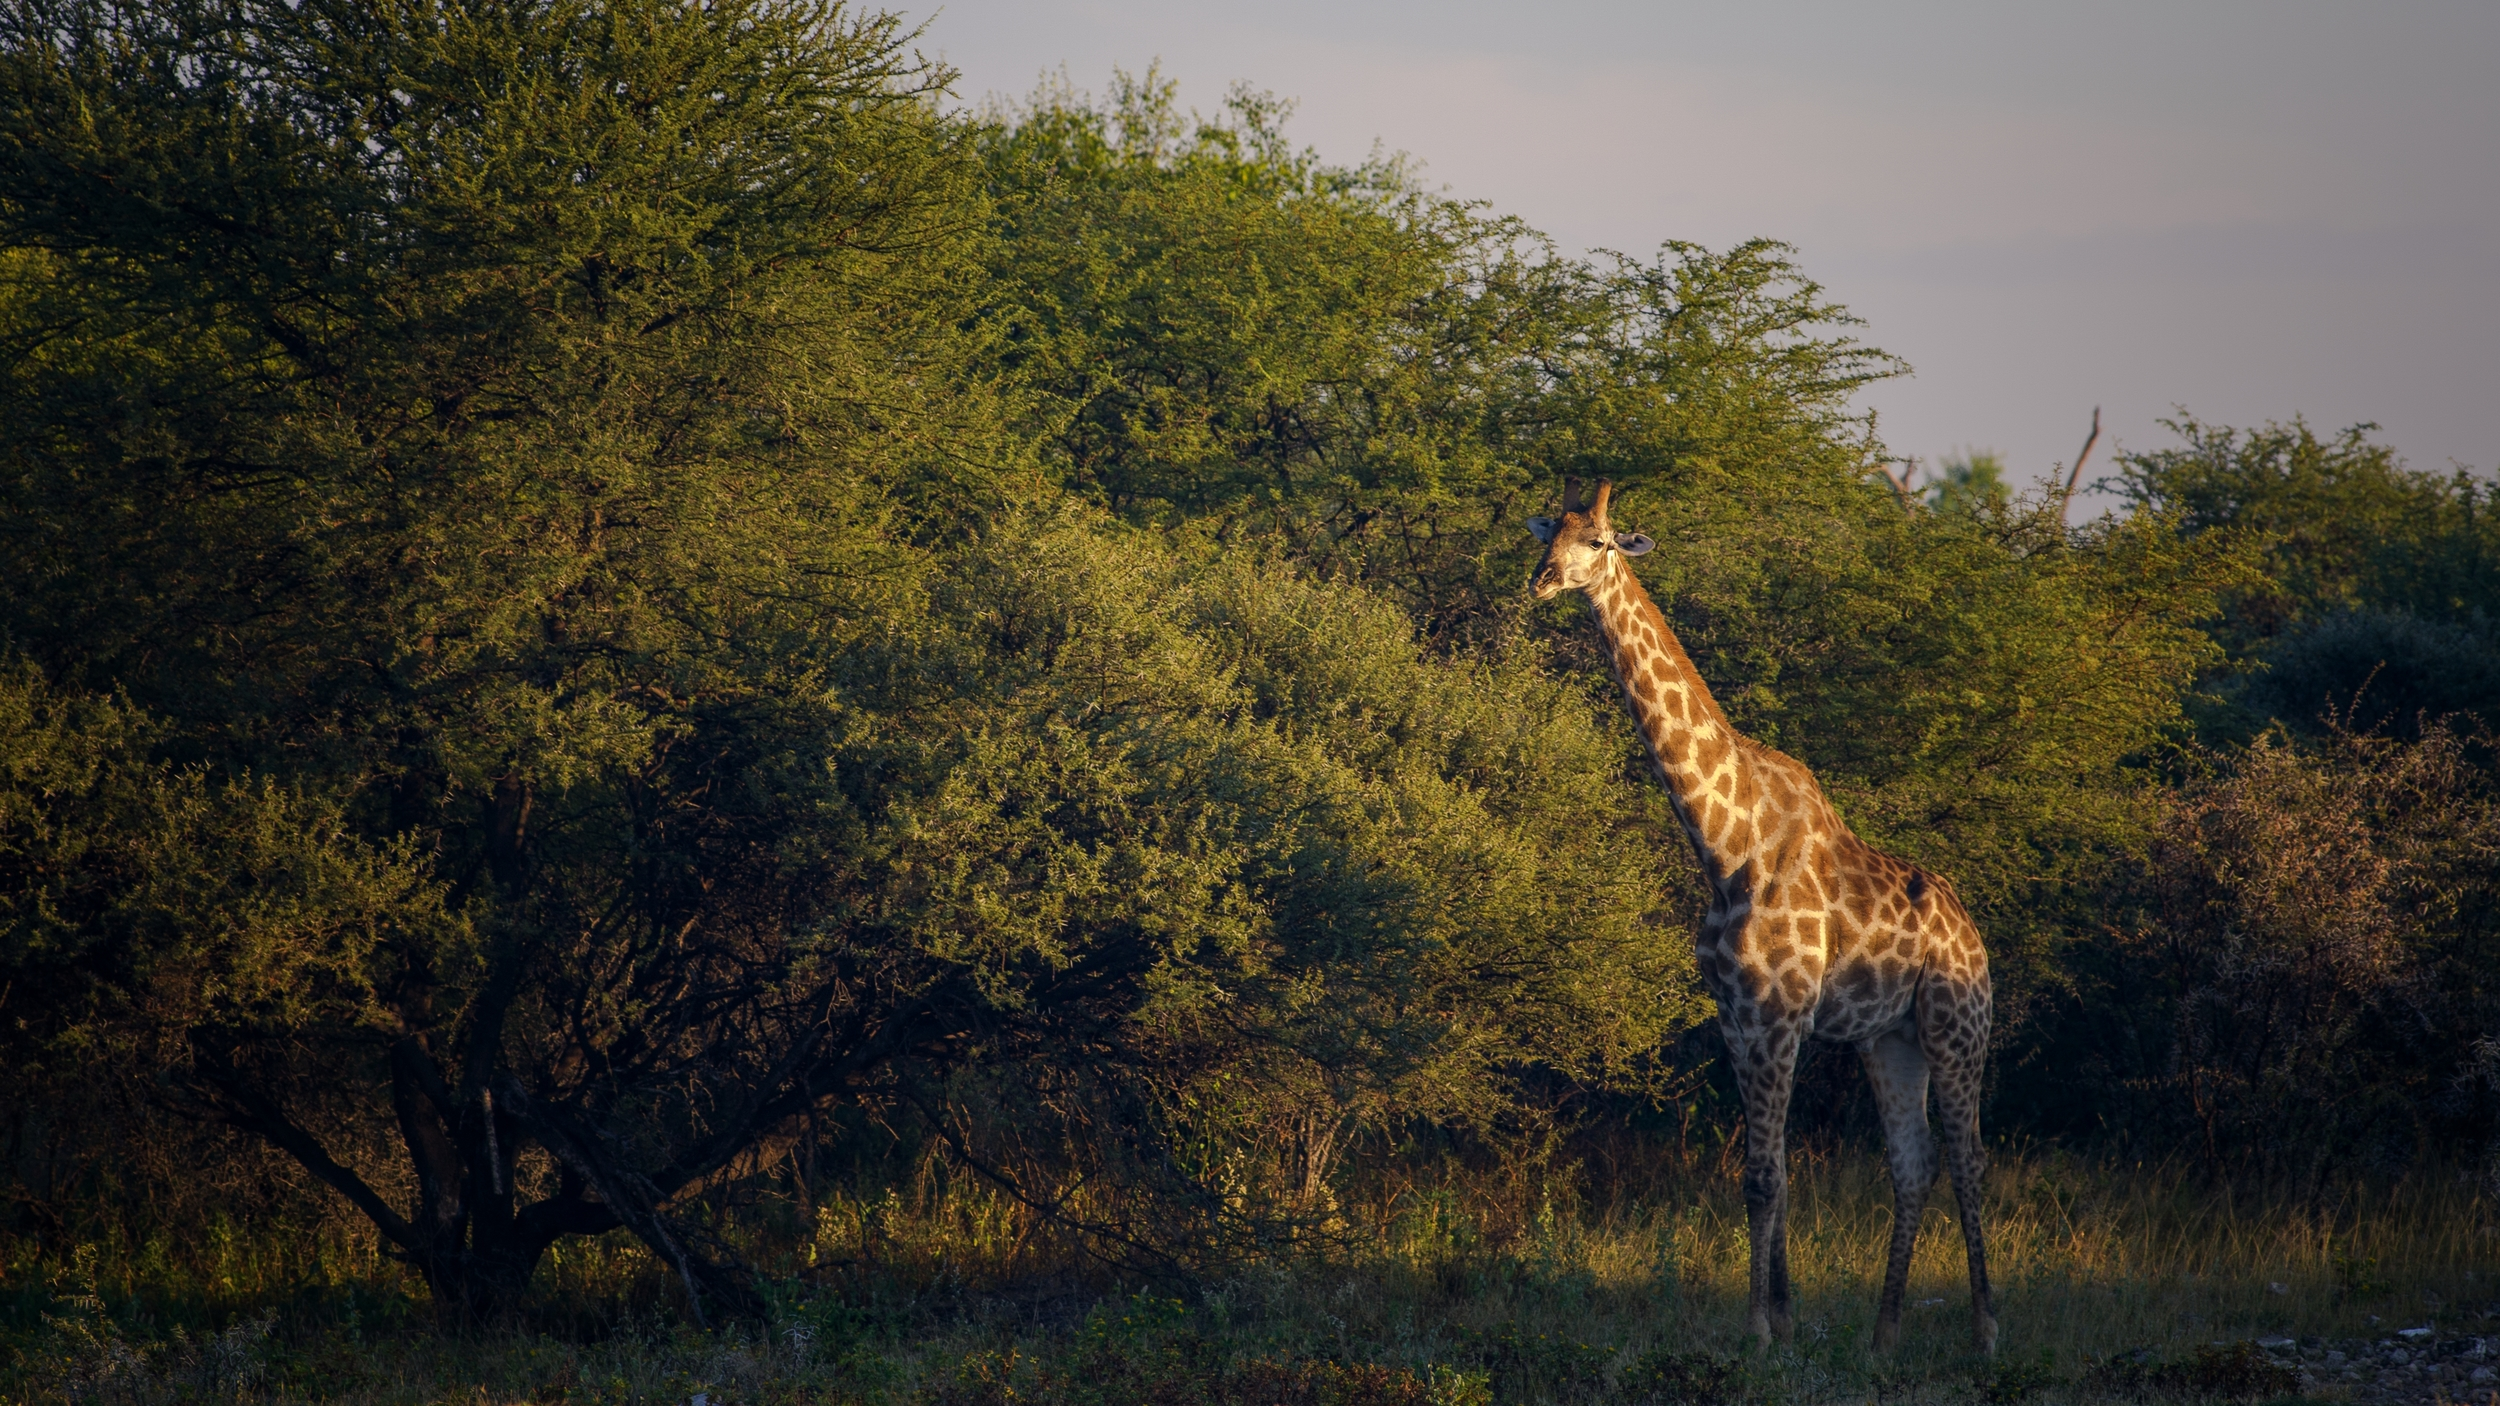 ETOSHA, NAMIBIA